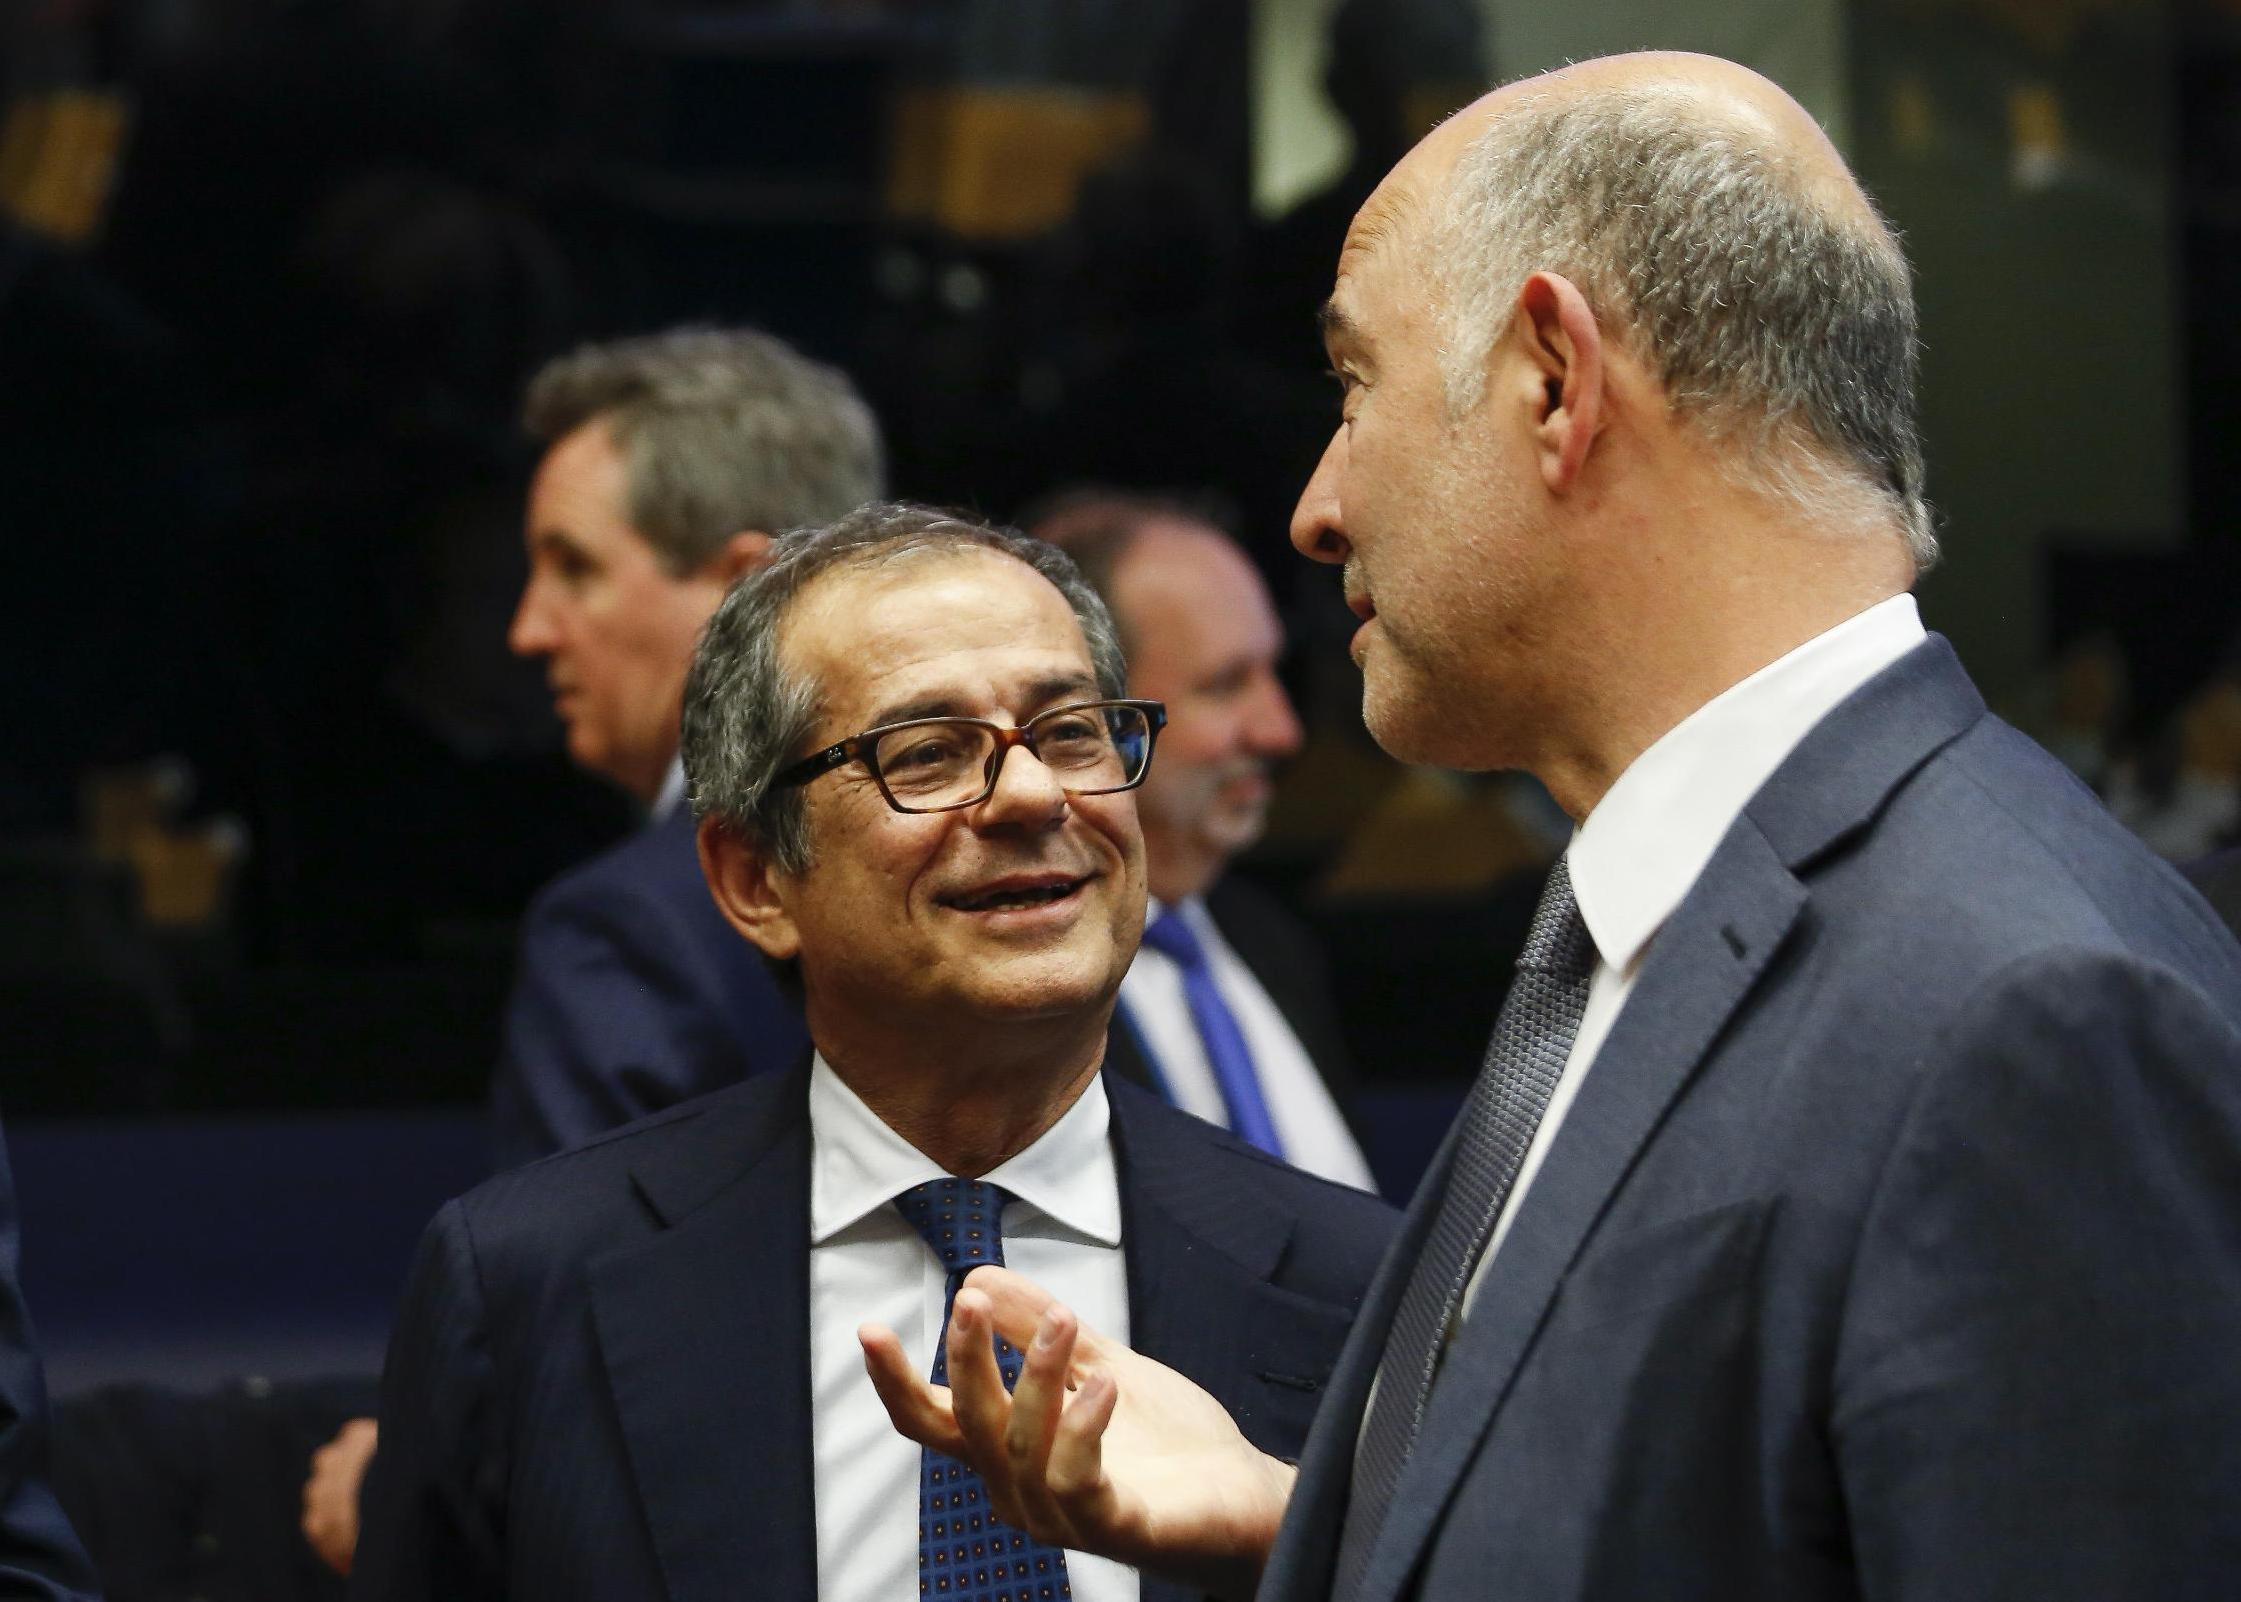 Radiocor: Governo: Moscovici, in Italia esecutivo decisamente euroscettico e xenofobo -2